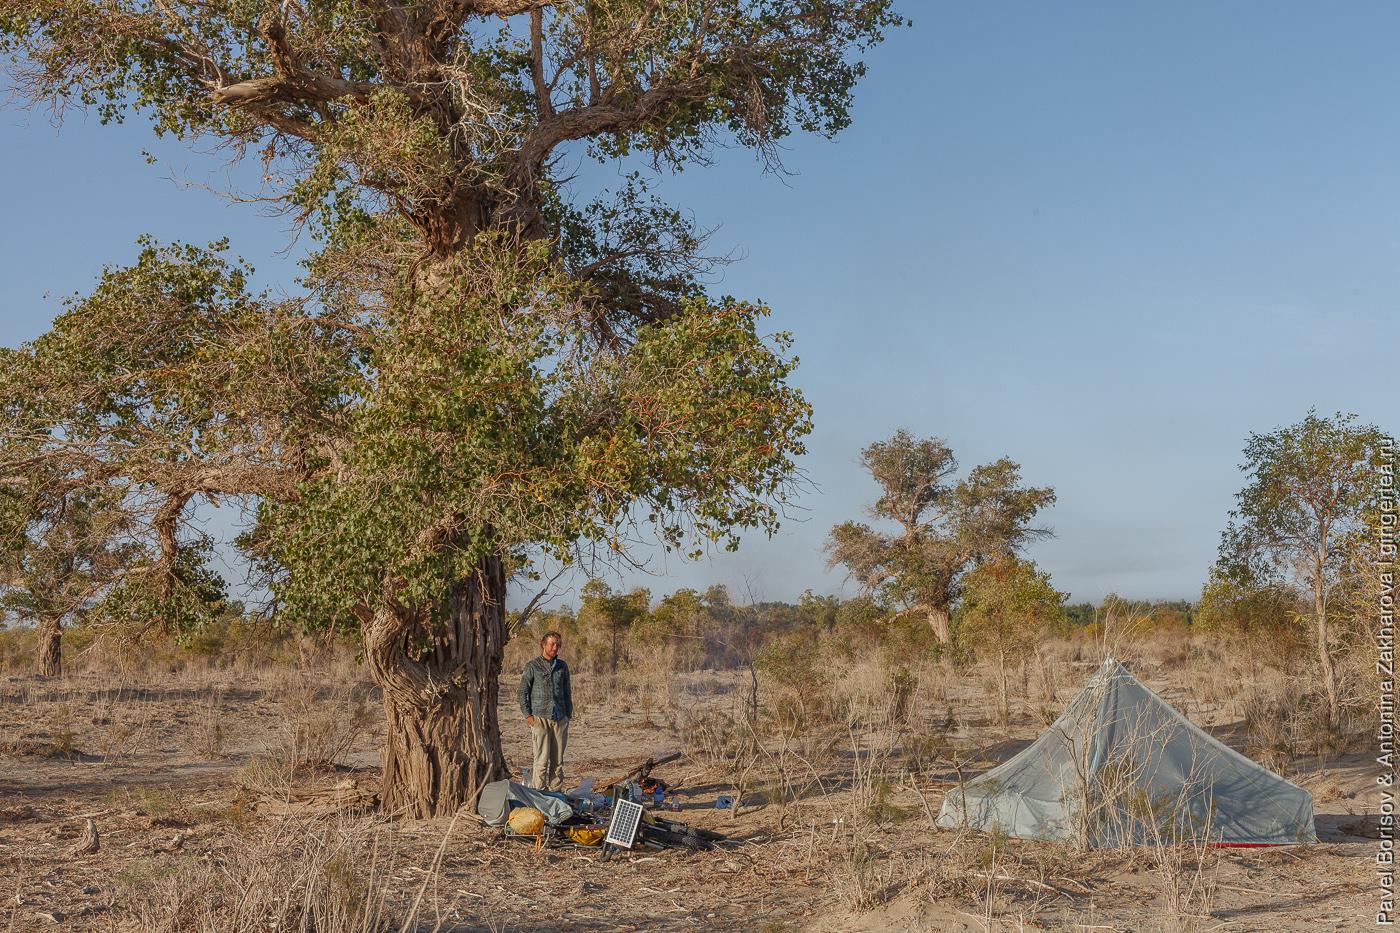 палатка в пустыне среди разнолистных тополей